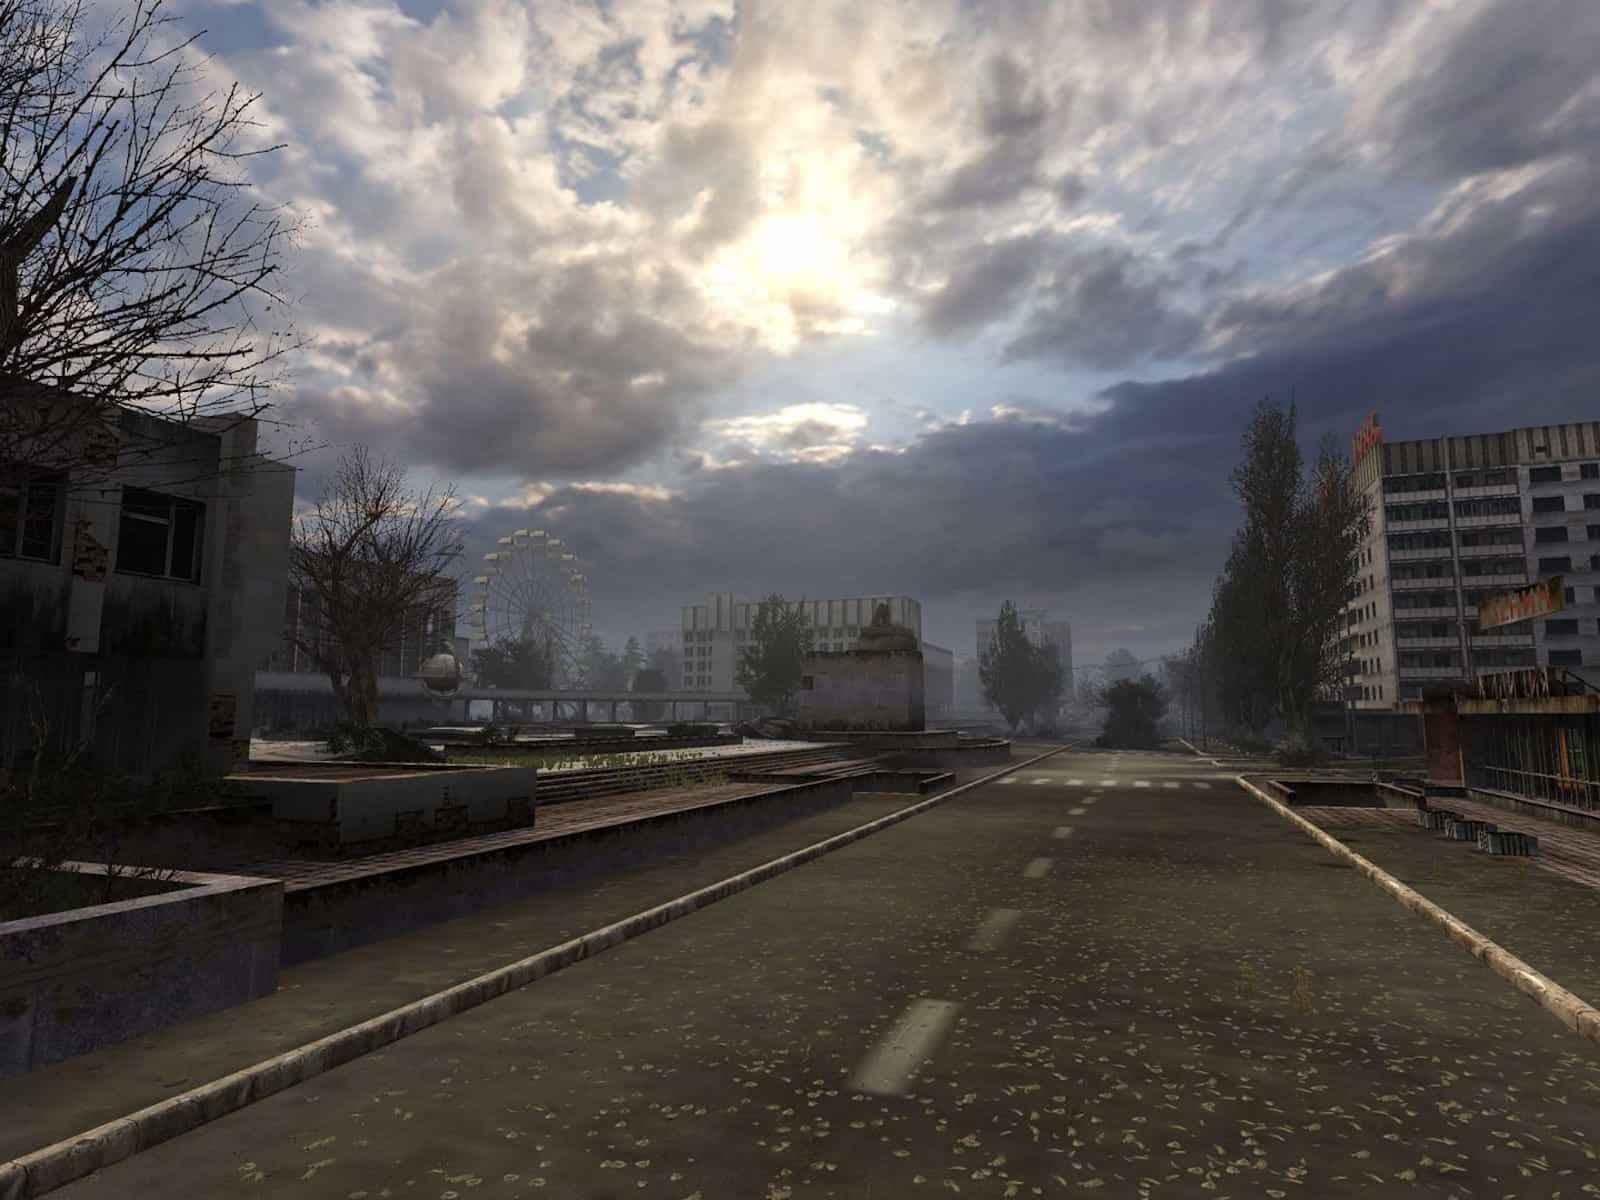 De vacaciones a Chernobyl T01xE02 - Al Otro Lado con Luis Bermejo